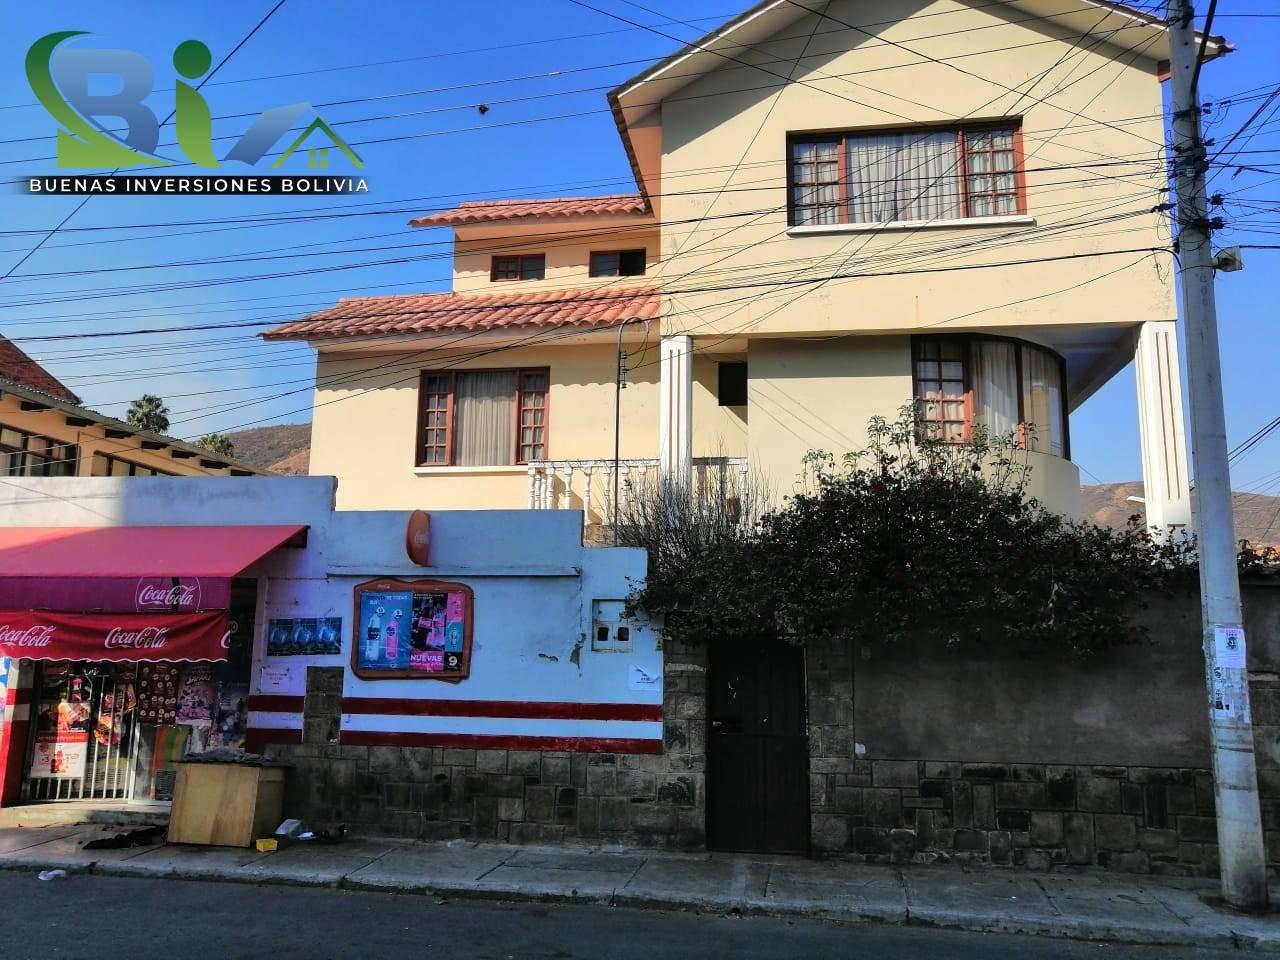 Casa en Venta $us.290.000 CASA EN ESQUINA + TIENDA PROX AV. HEROINAS ZONA SAN PEDRO Foto 1